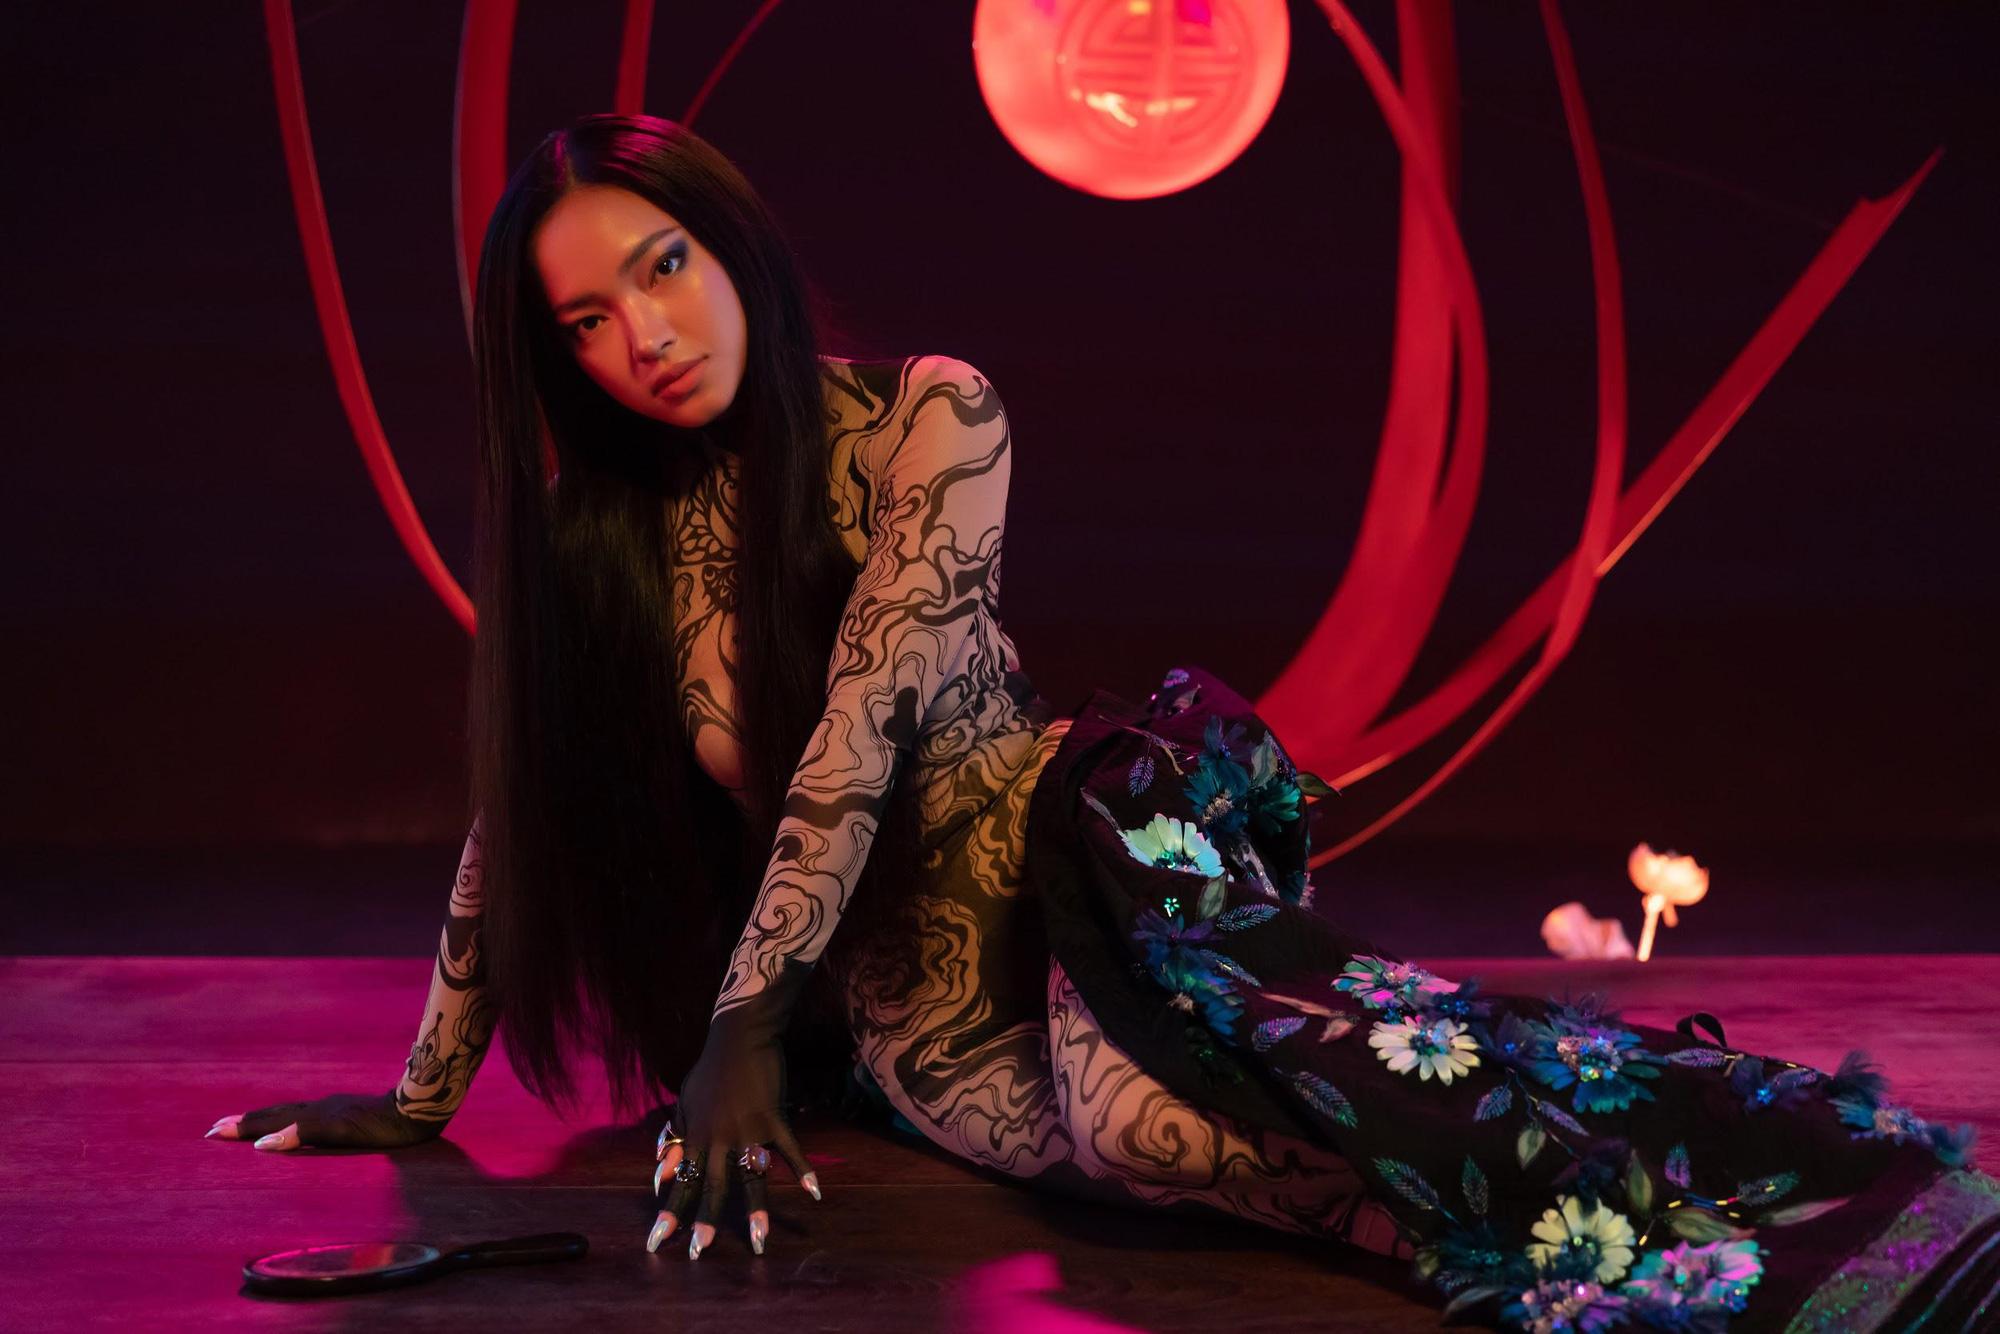 """MV JUUN D x Châu Bùi có gì hot: Chàng thì """"ngốc"""", nàng thì """"bốc"""" và style đều rất """"sốc""""! - Ảnh 6."""